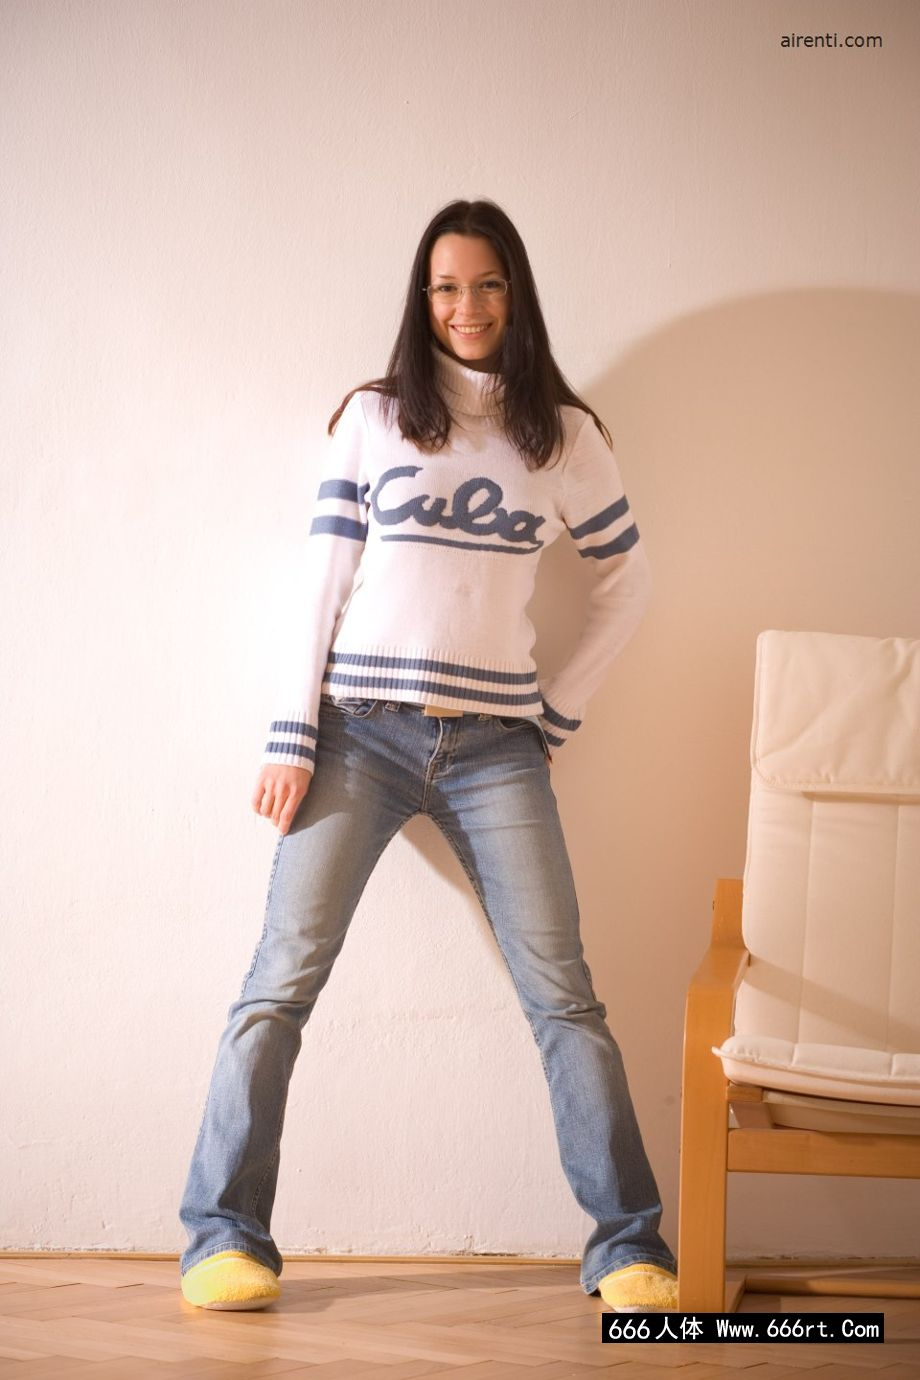 西西人艺体摄影人体_美国高中的学生凯瑟琳在家自拍内裤写照